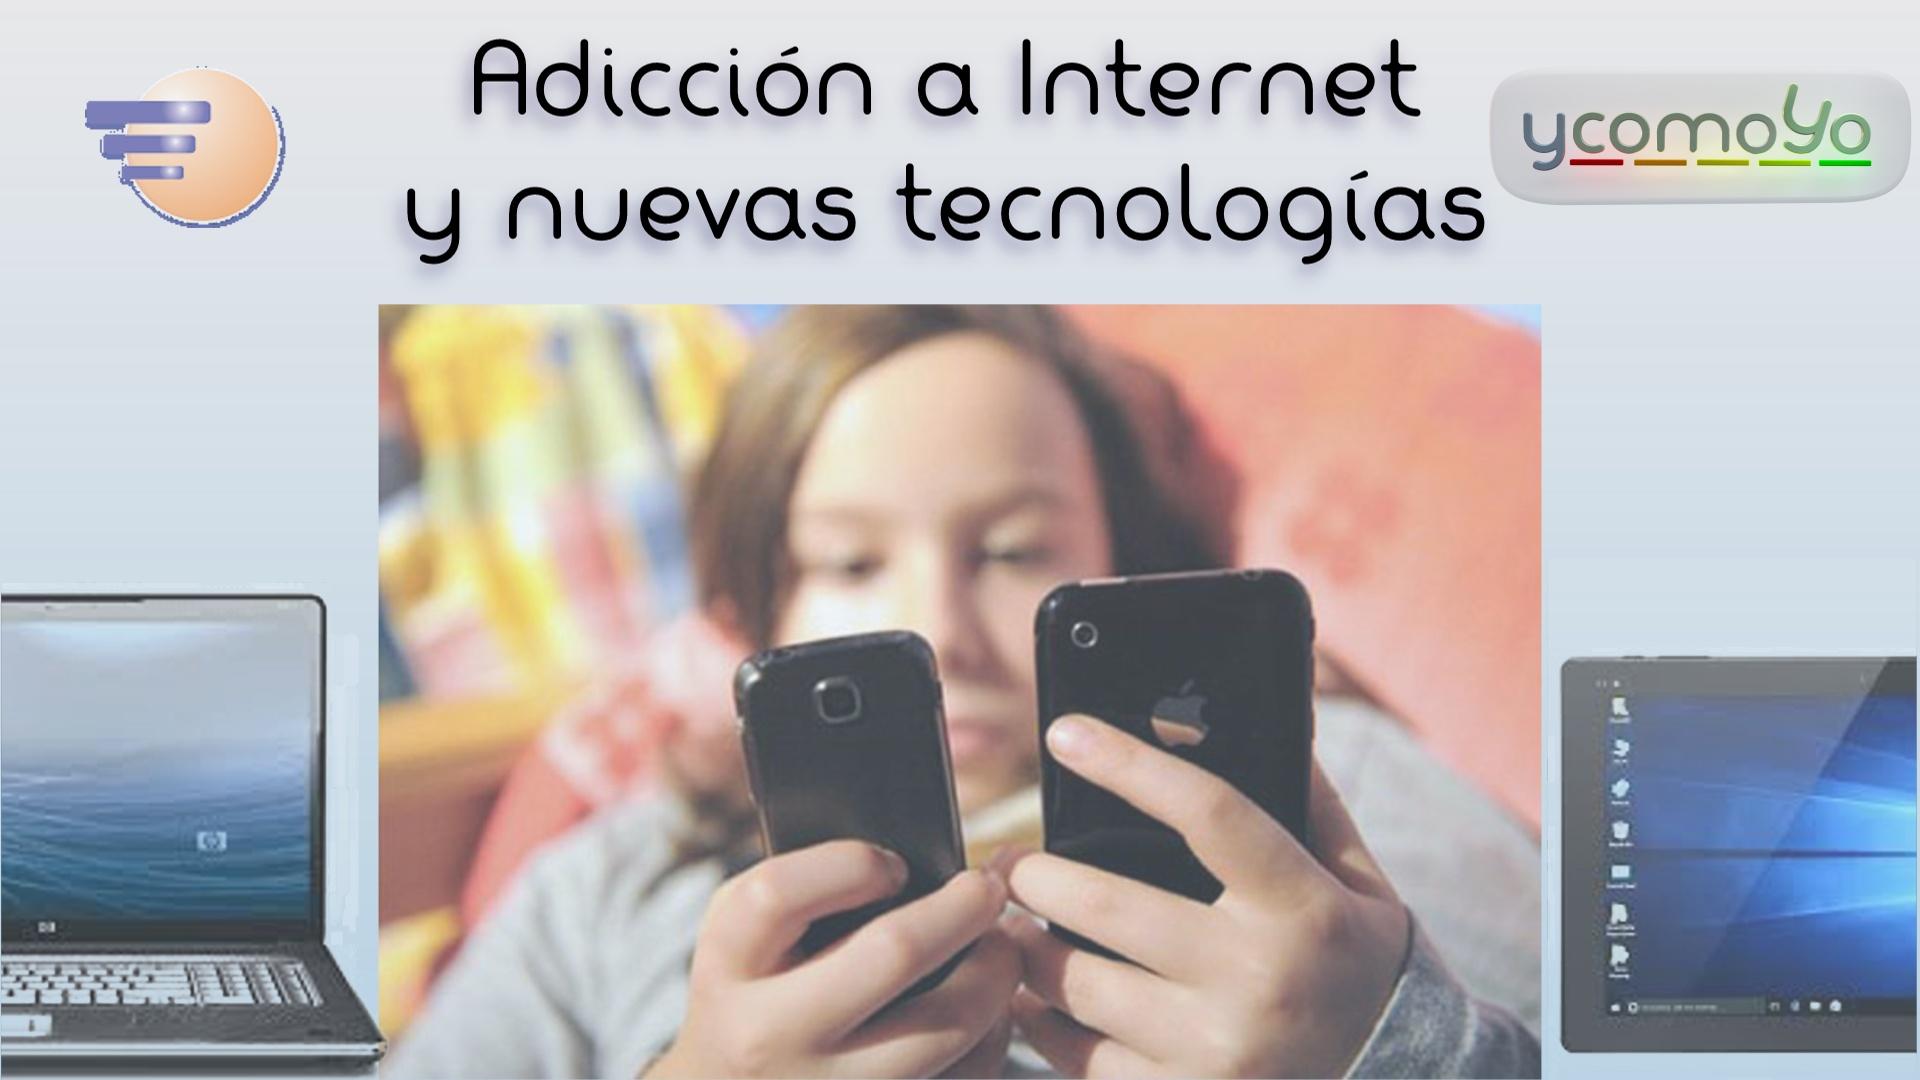 adicción nuevas tecnologías e internet